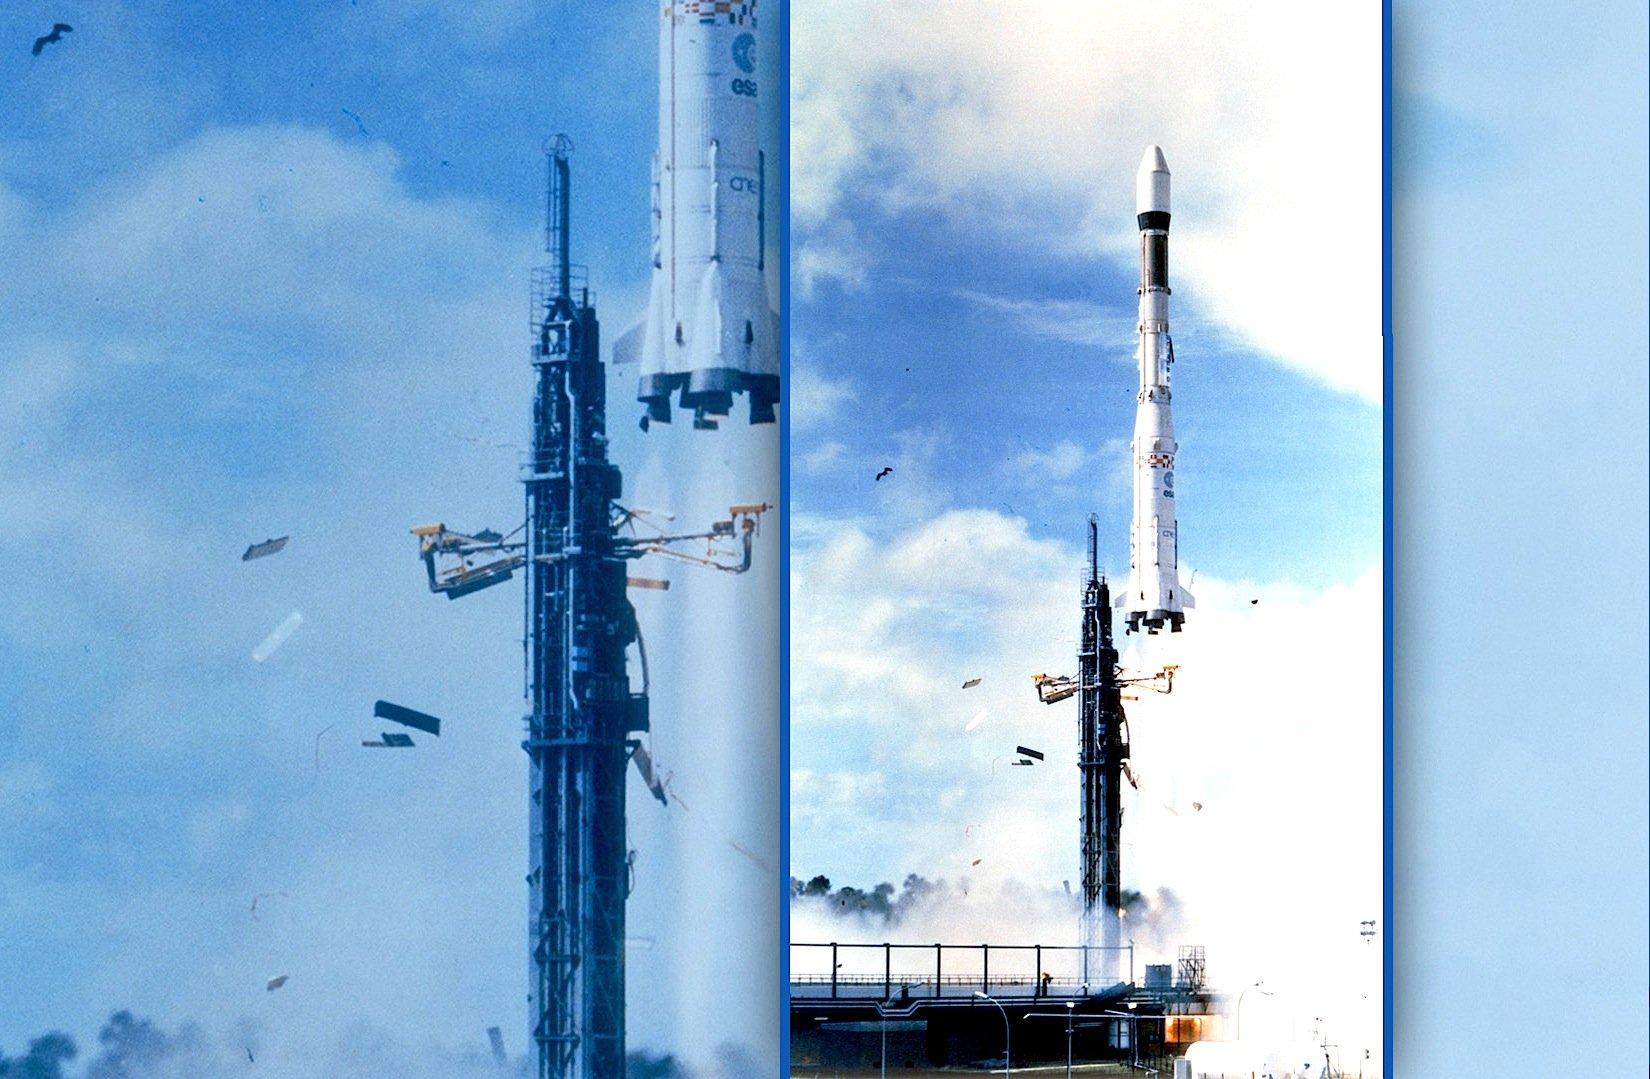 Die erste Ariane-Trägerrakete startete im Jahr 1979 in Kourou.